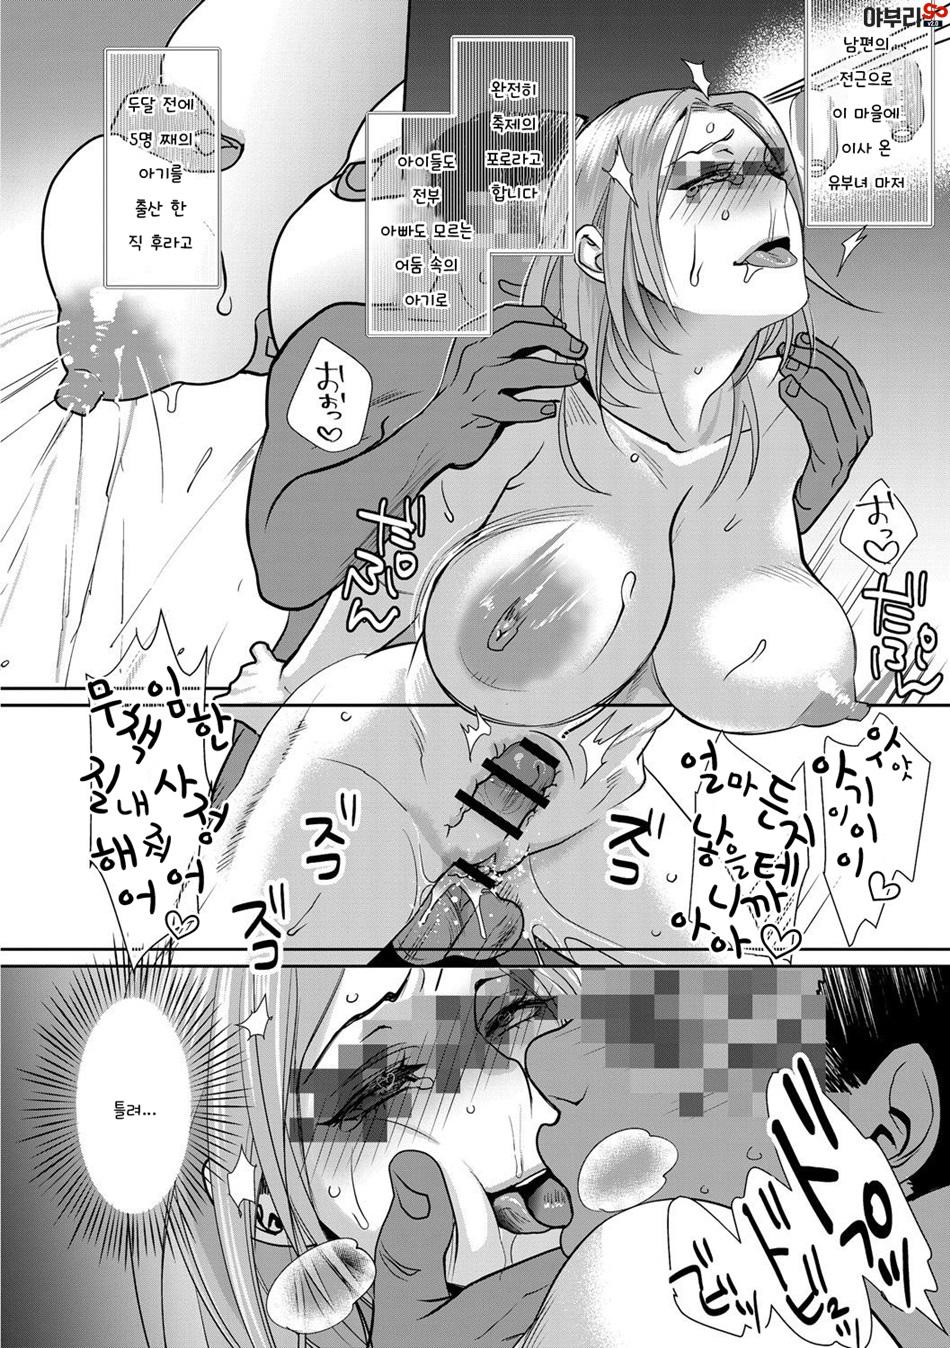 23_21.jpg